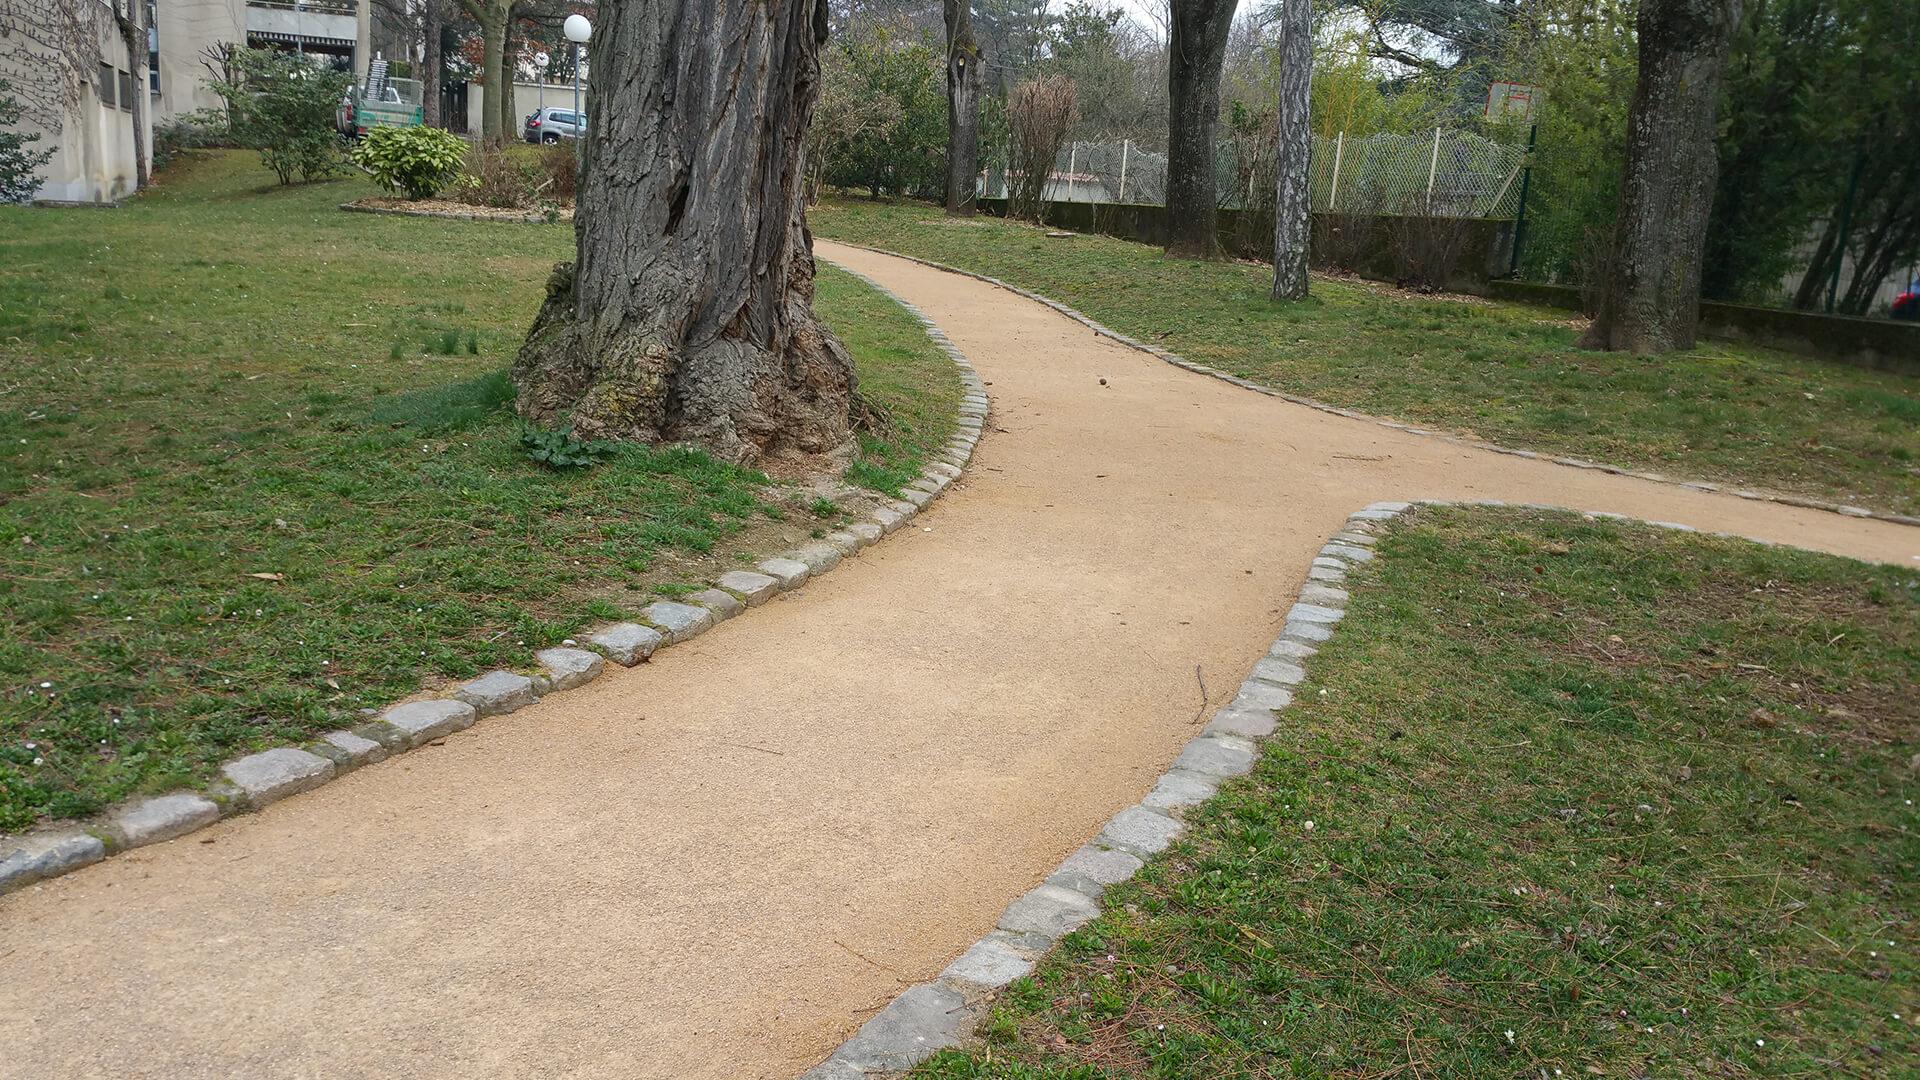 Entretien de parcs et jardins, Pelouse et allées